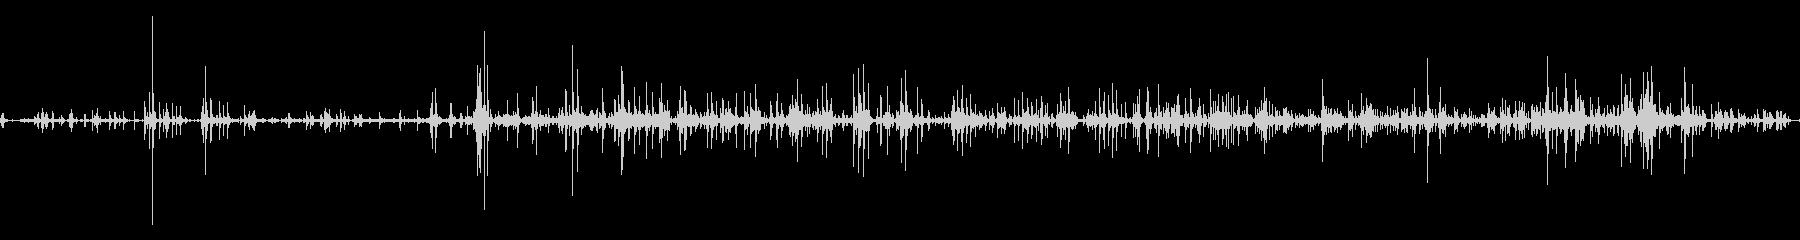 トラックピックアップベッド金属ガラガラcの未再生の波形